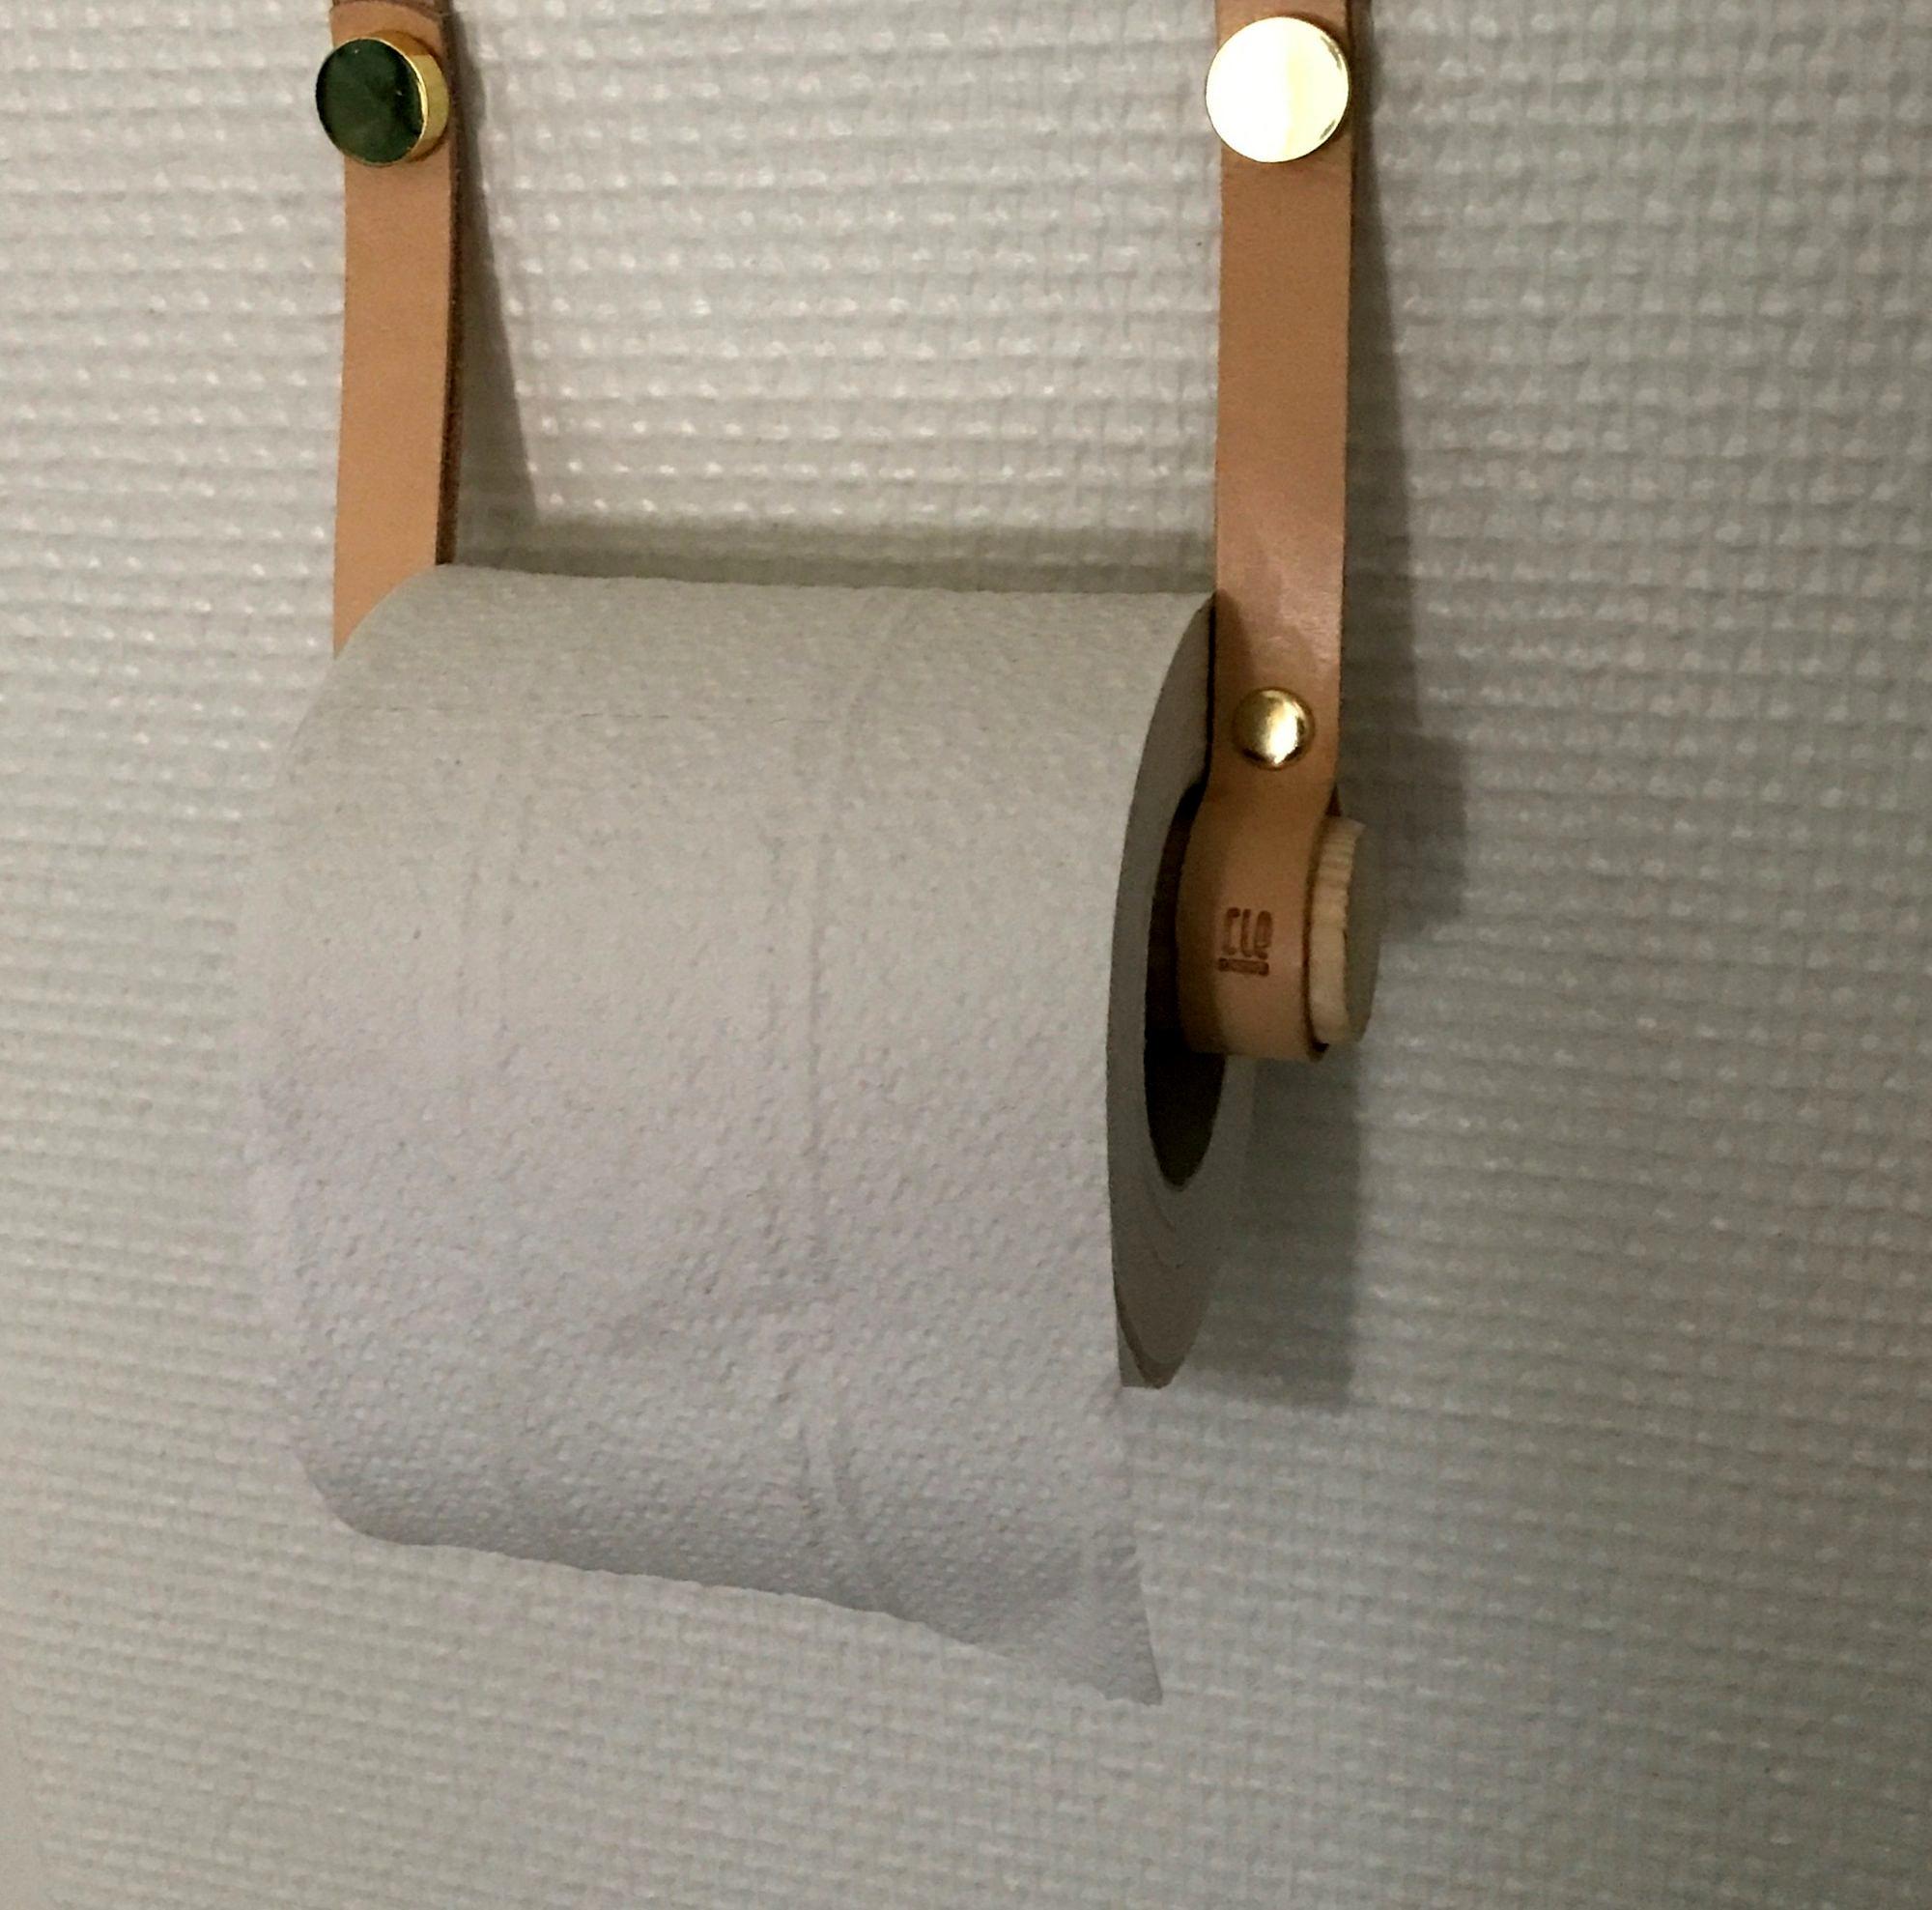 Kan live et hvert kedeligt badeværelse op